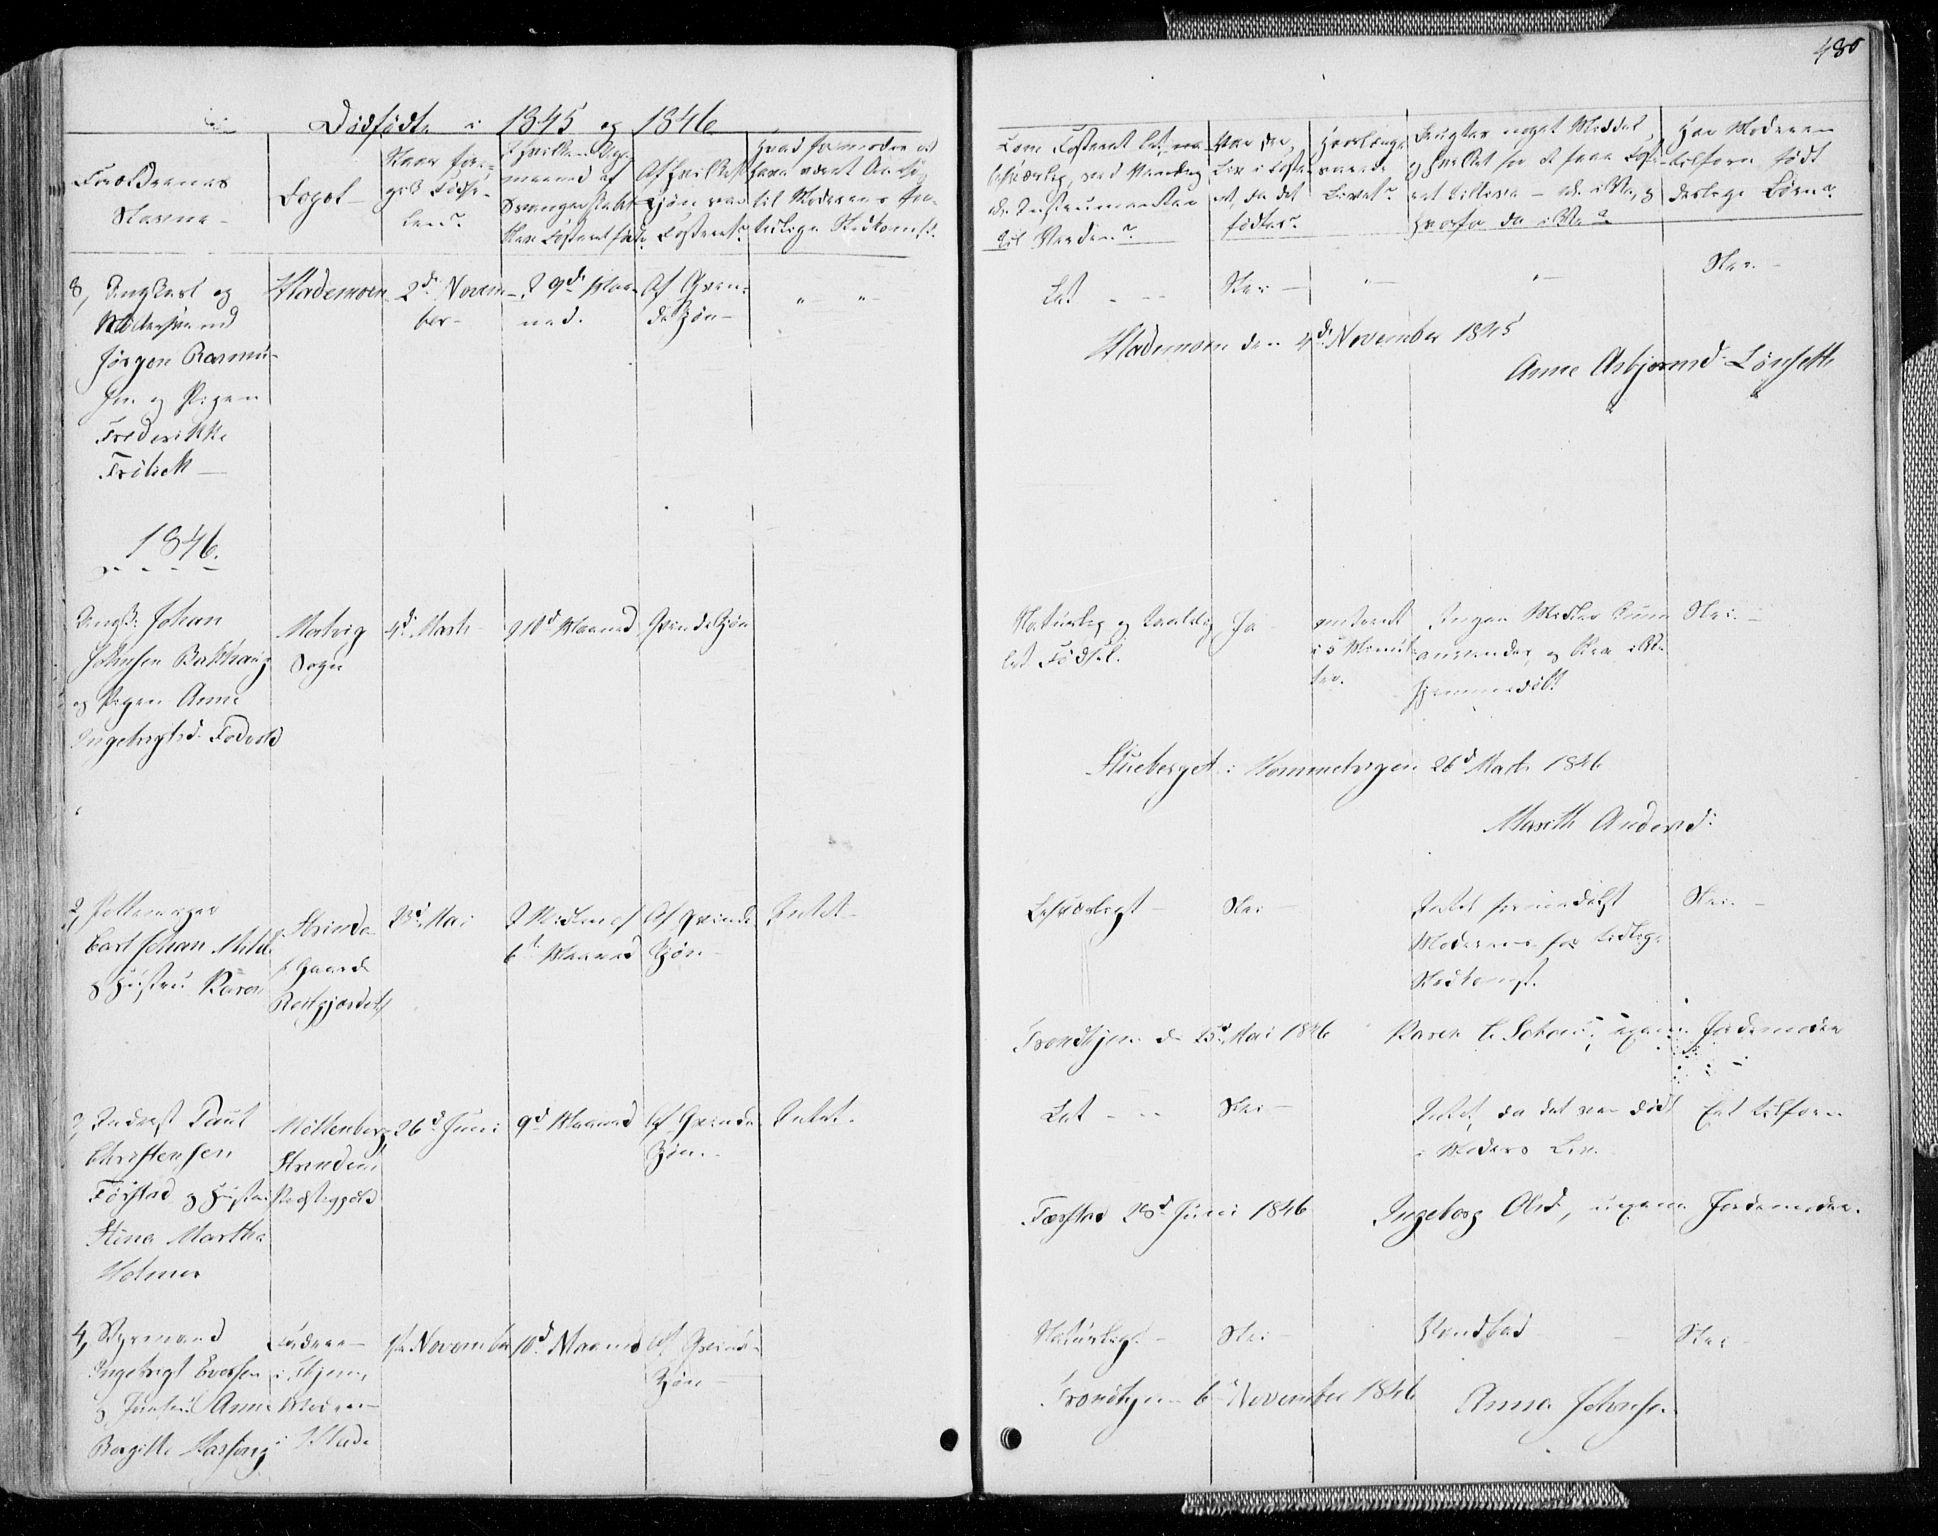 SAT, Ministerialprotokoller, klokkerbøker og fødselsregistre - Sør-Trøndelag, 606/L0290: Ministerialbok nr. 606A05, 1841-1847, s. 480